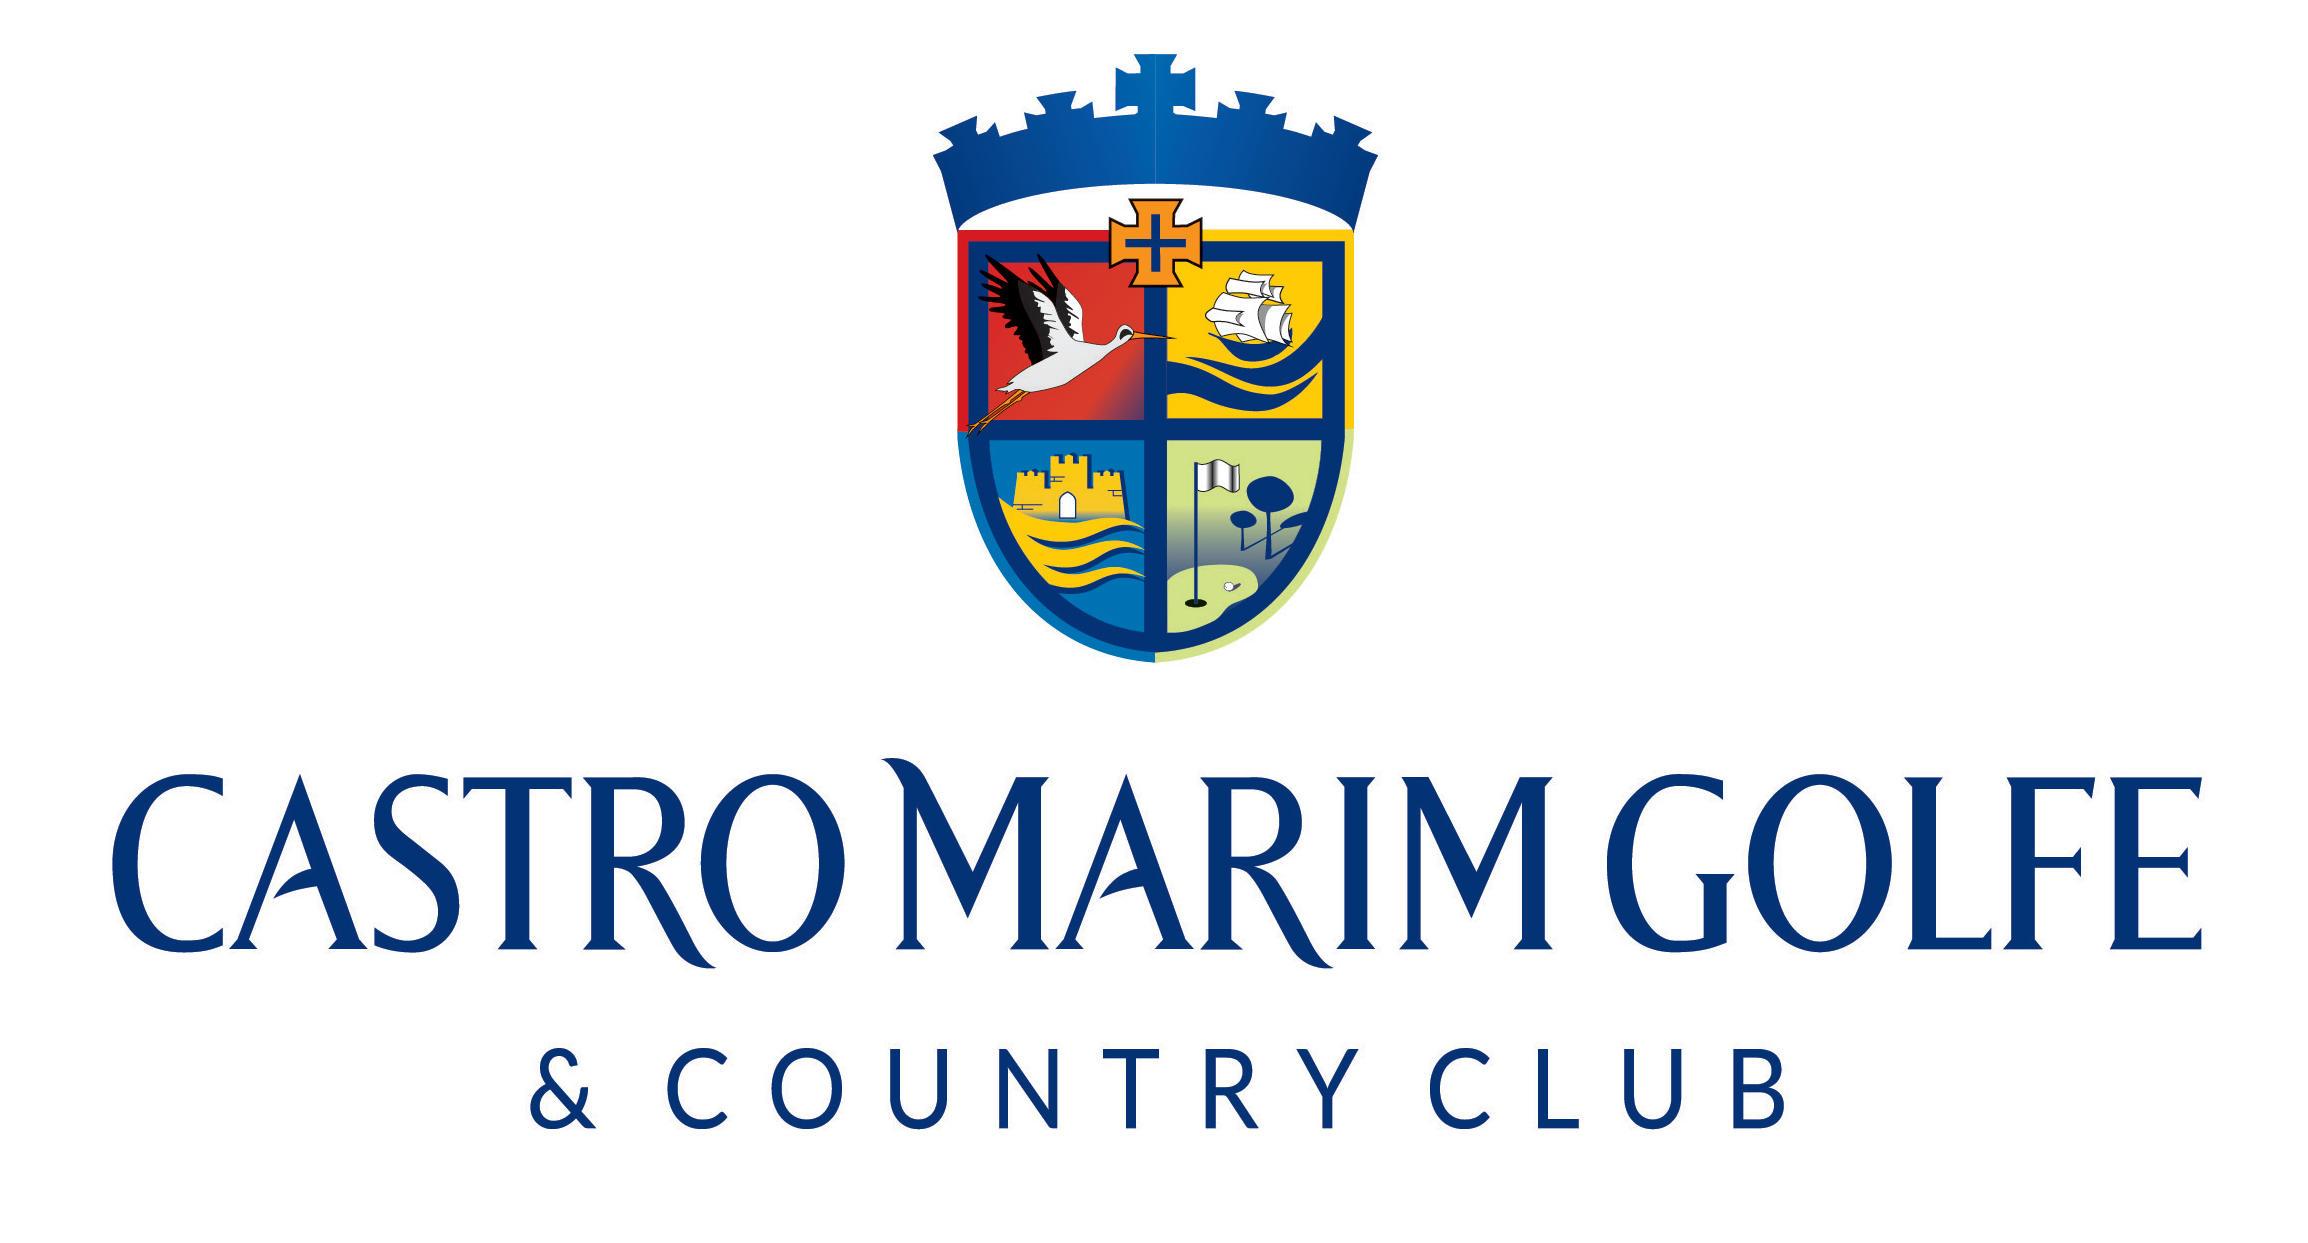 Castro Marim Golf & Country Golf